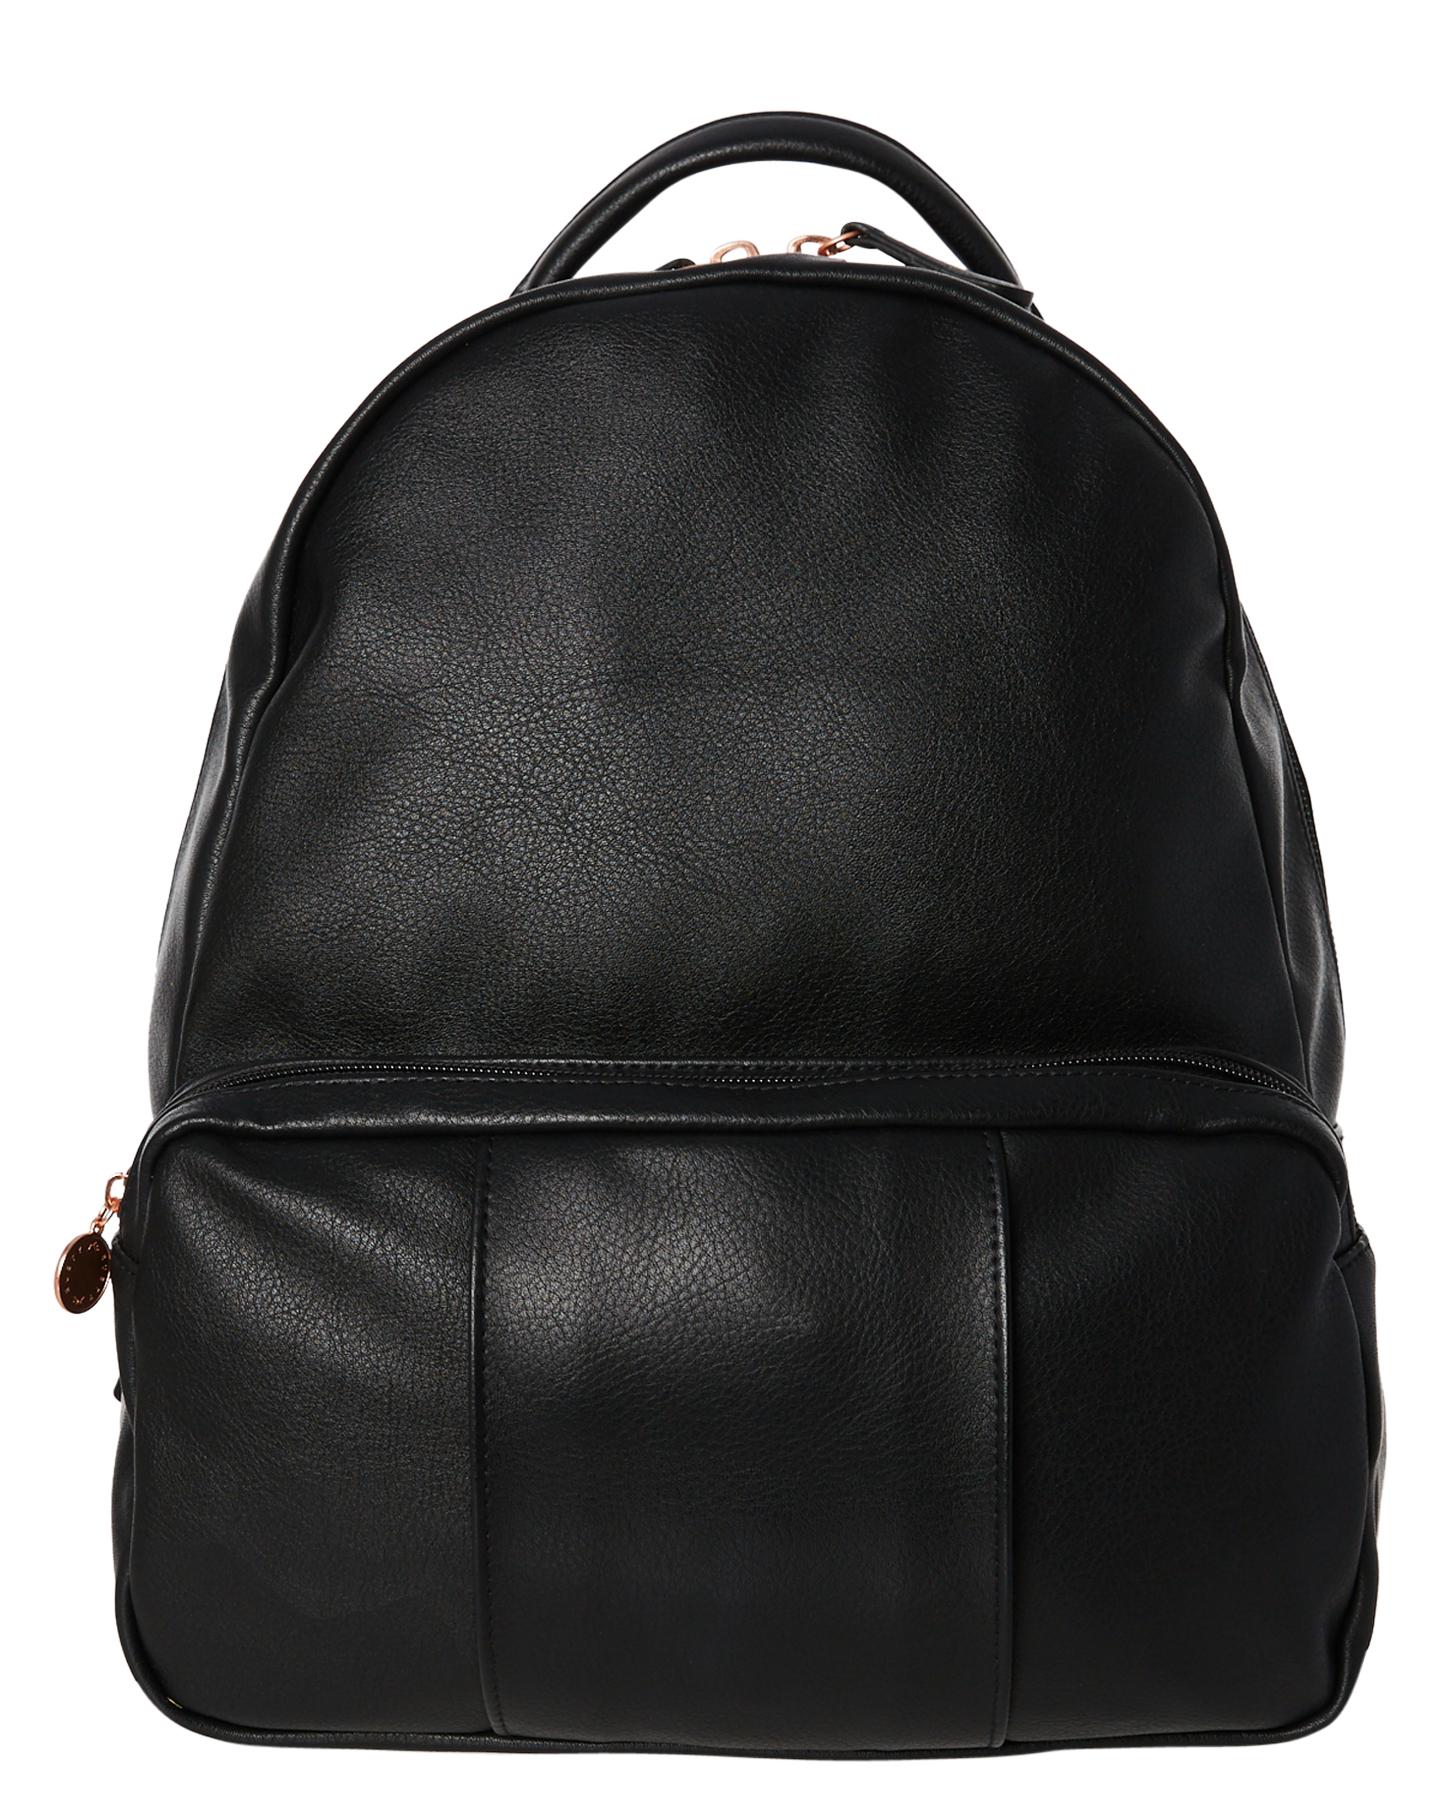 6e2af2a8e Rusty Sabrina Backpack Black Womens handbags Size | Budget Fashion ...